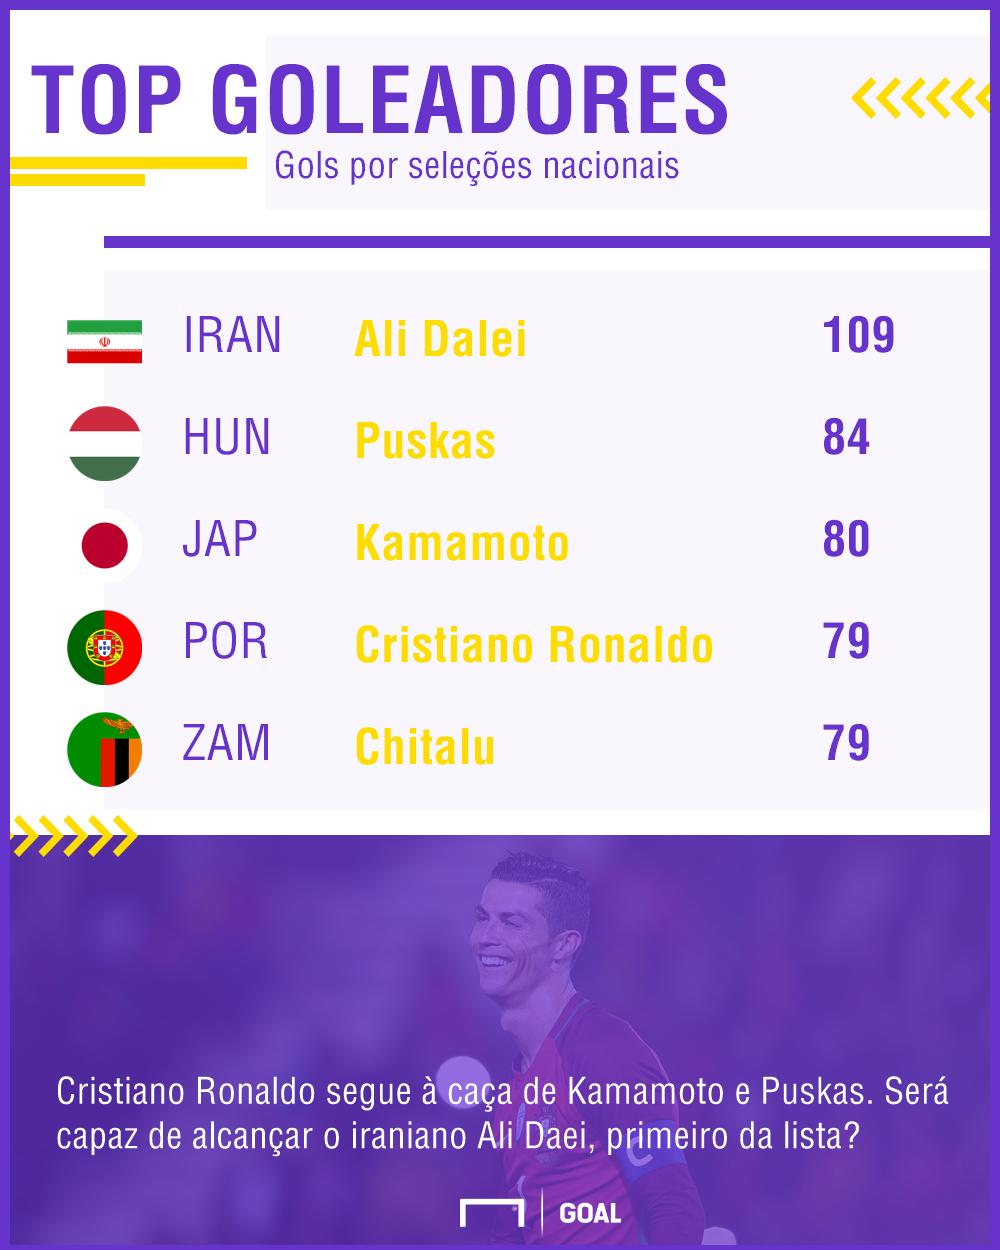 Os maiores goleadores de seleções